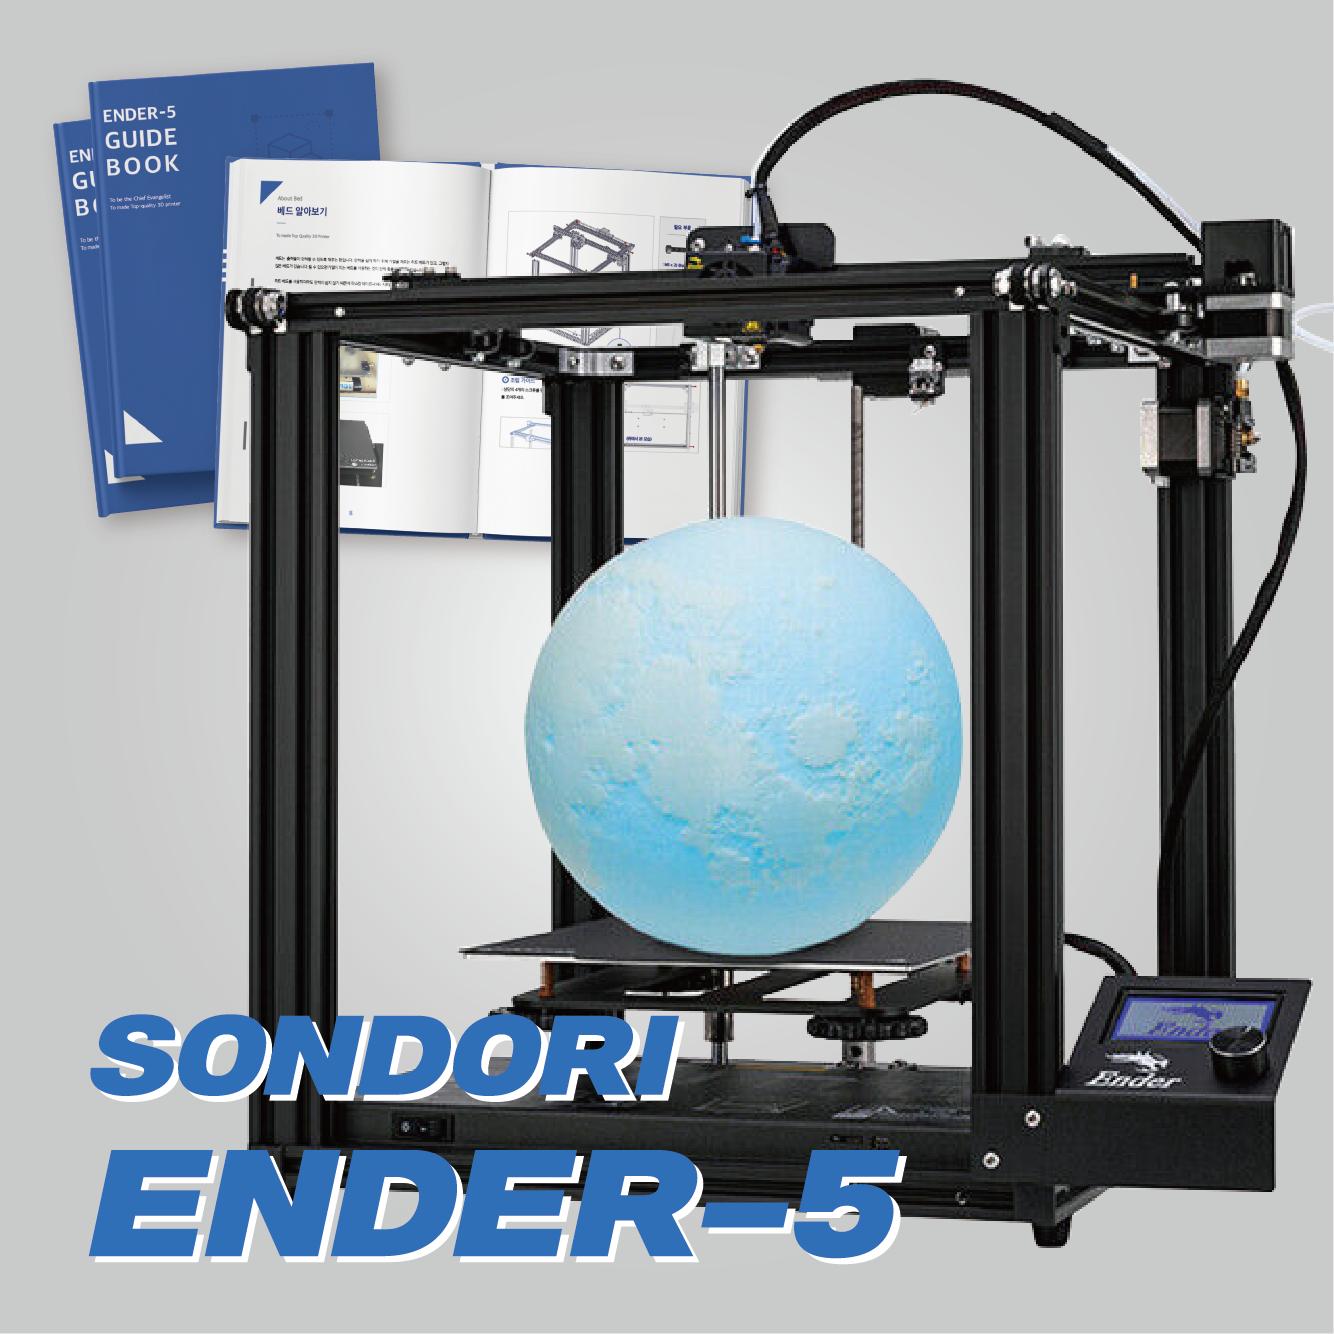 손도리 DIY 3D프린터 엔더5 Ender-5 한글매뉴얼 동봉 공식수입사, Ender5